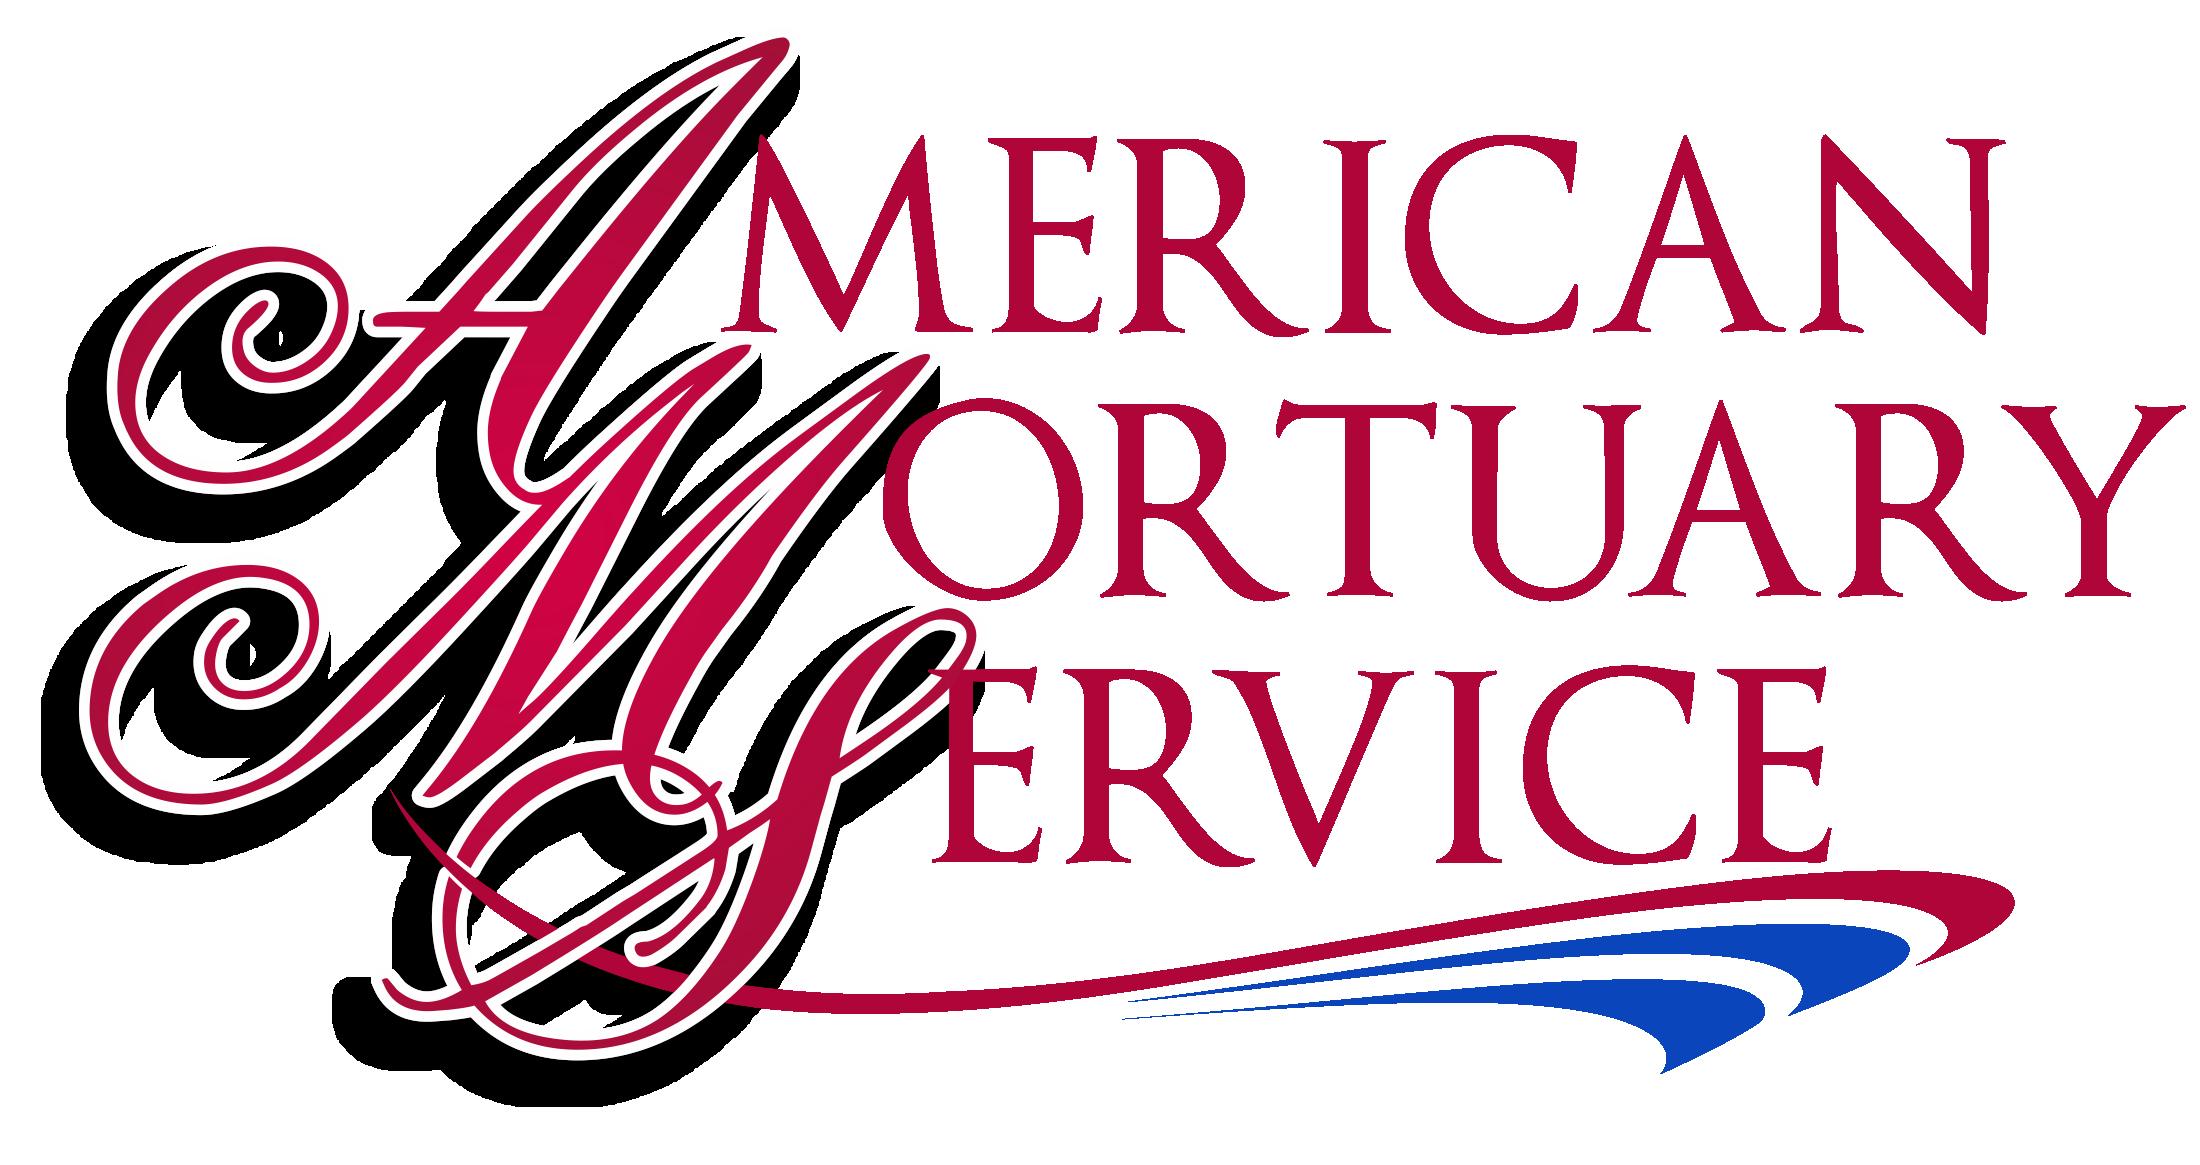 American Mortuary Service, Funeral Services, Dallas Tx, Fort